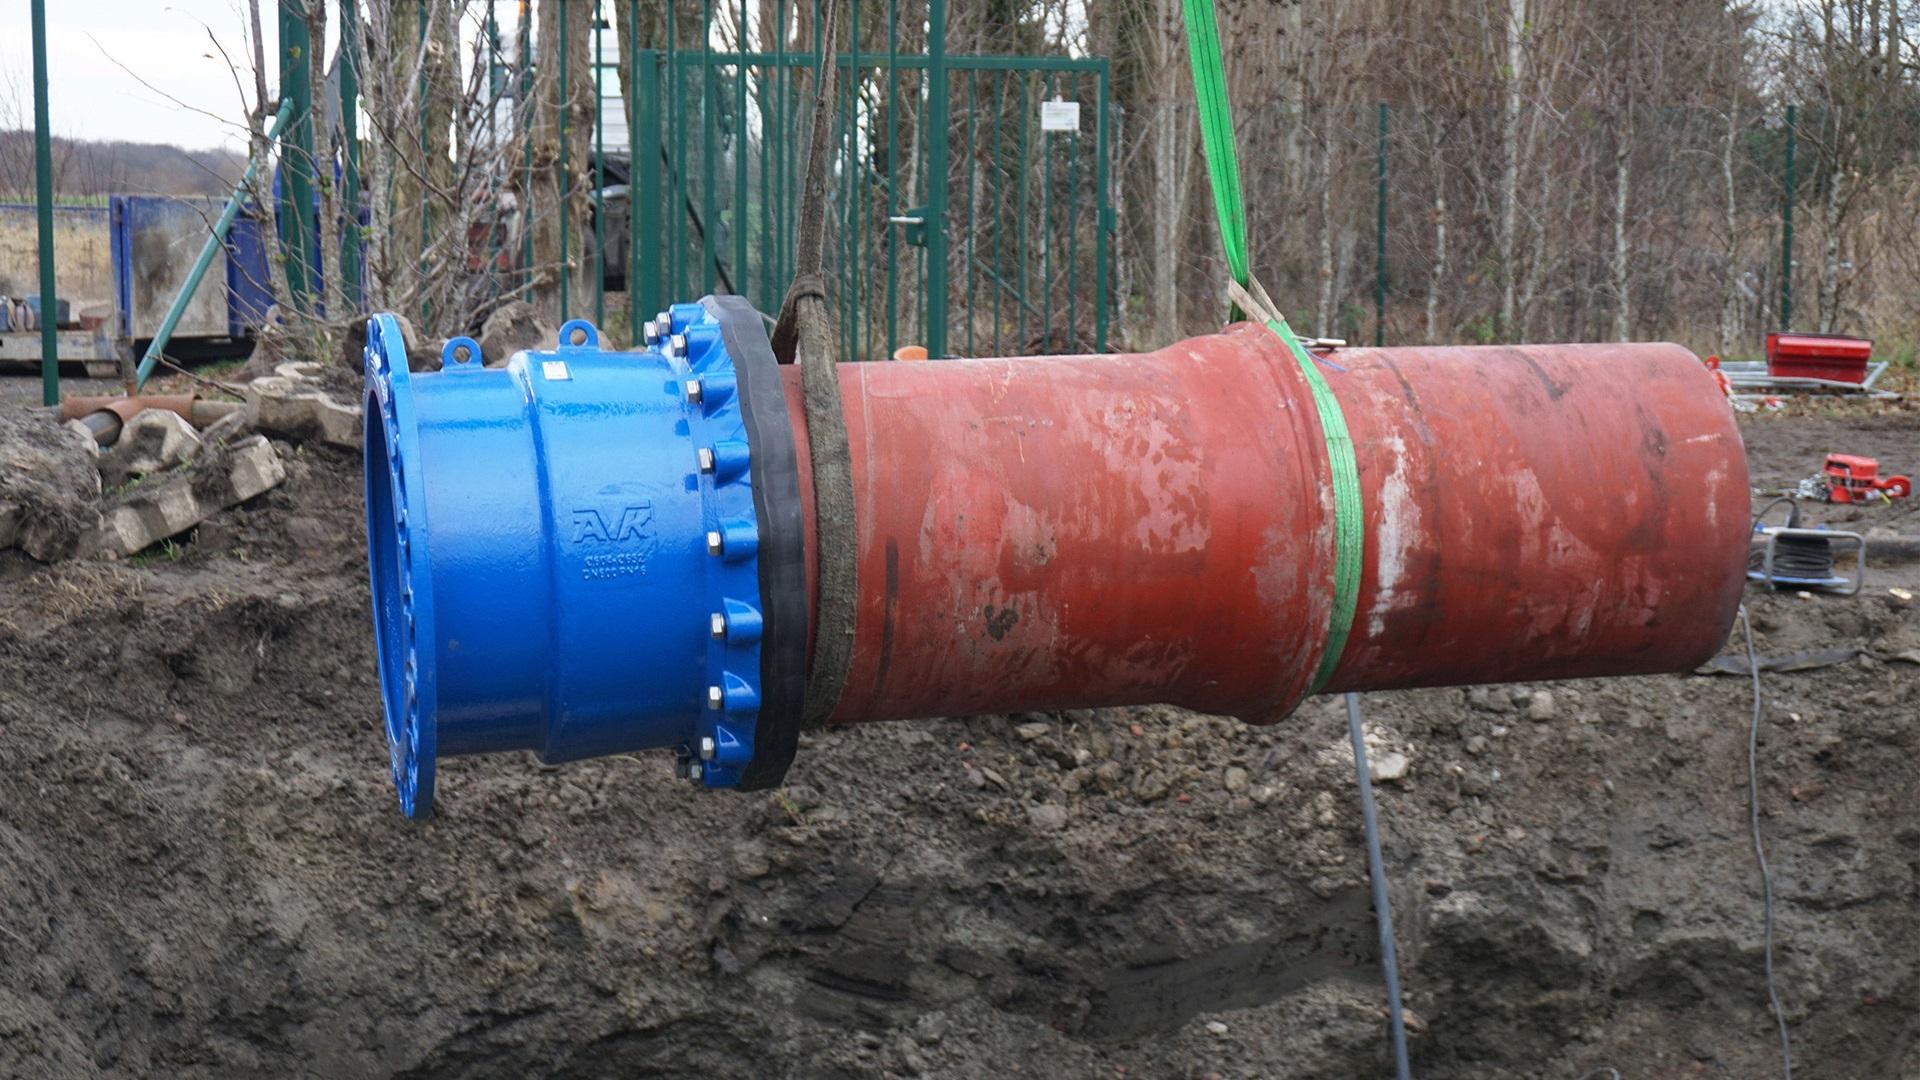 Plaatsing van leiding met reeds gemonteerde trekvaste koppeling